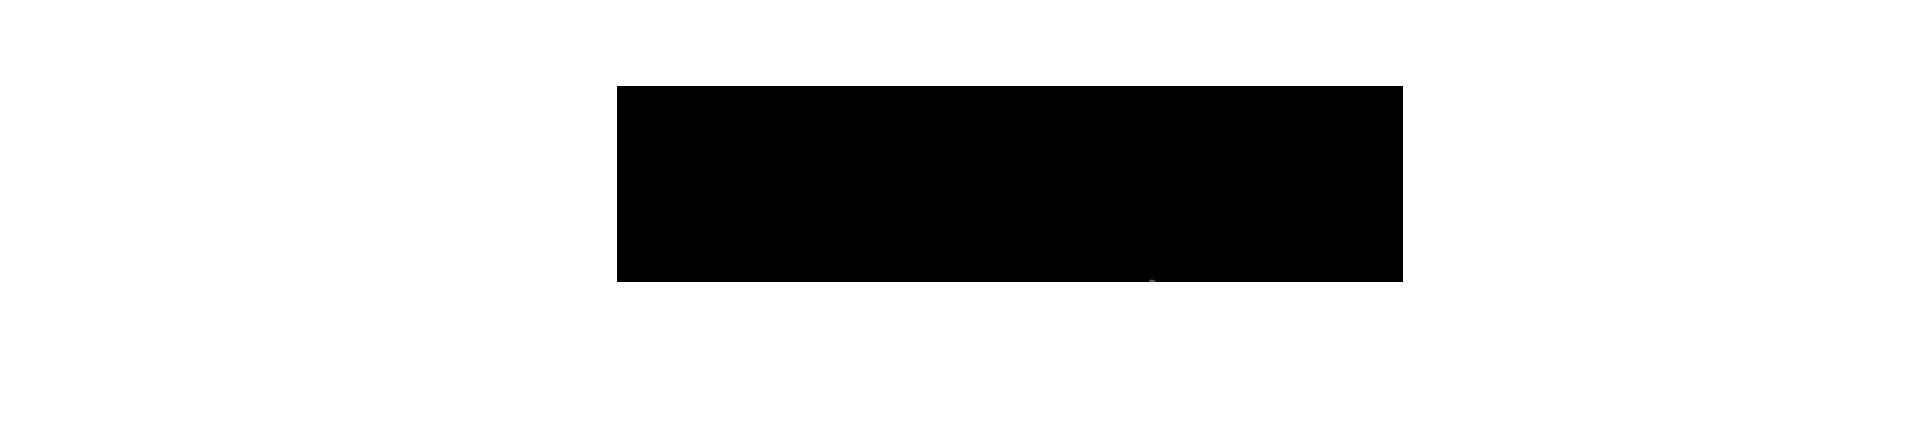 BoxNine7 Logo.png